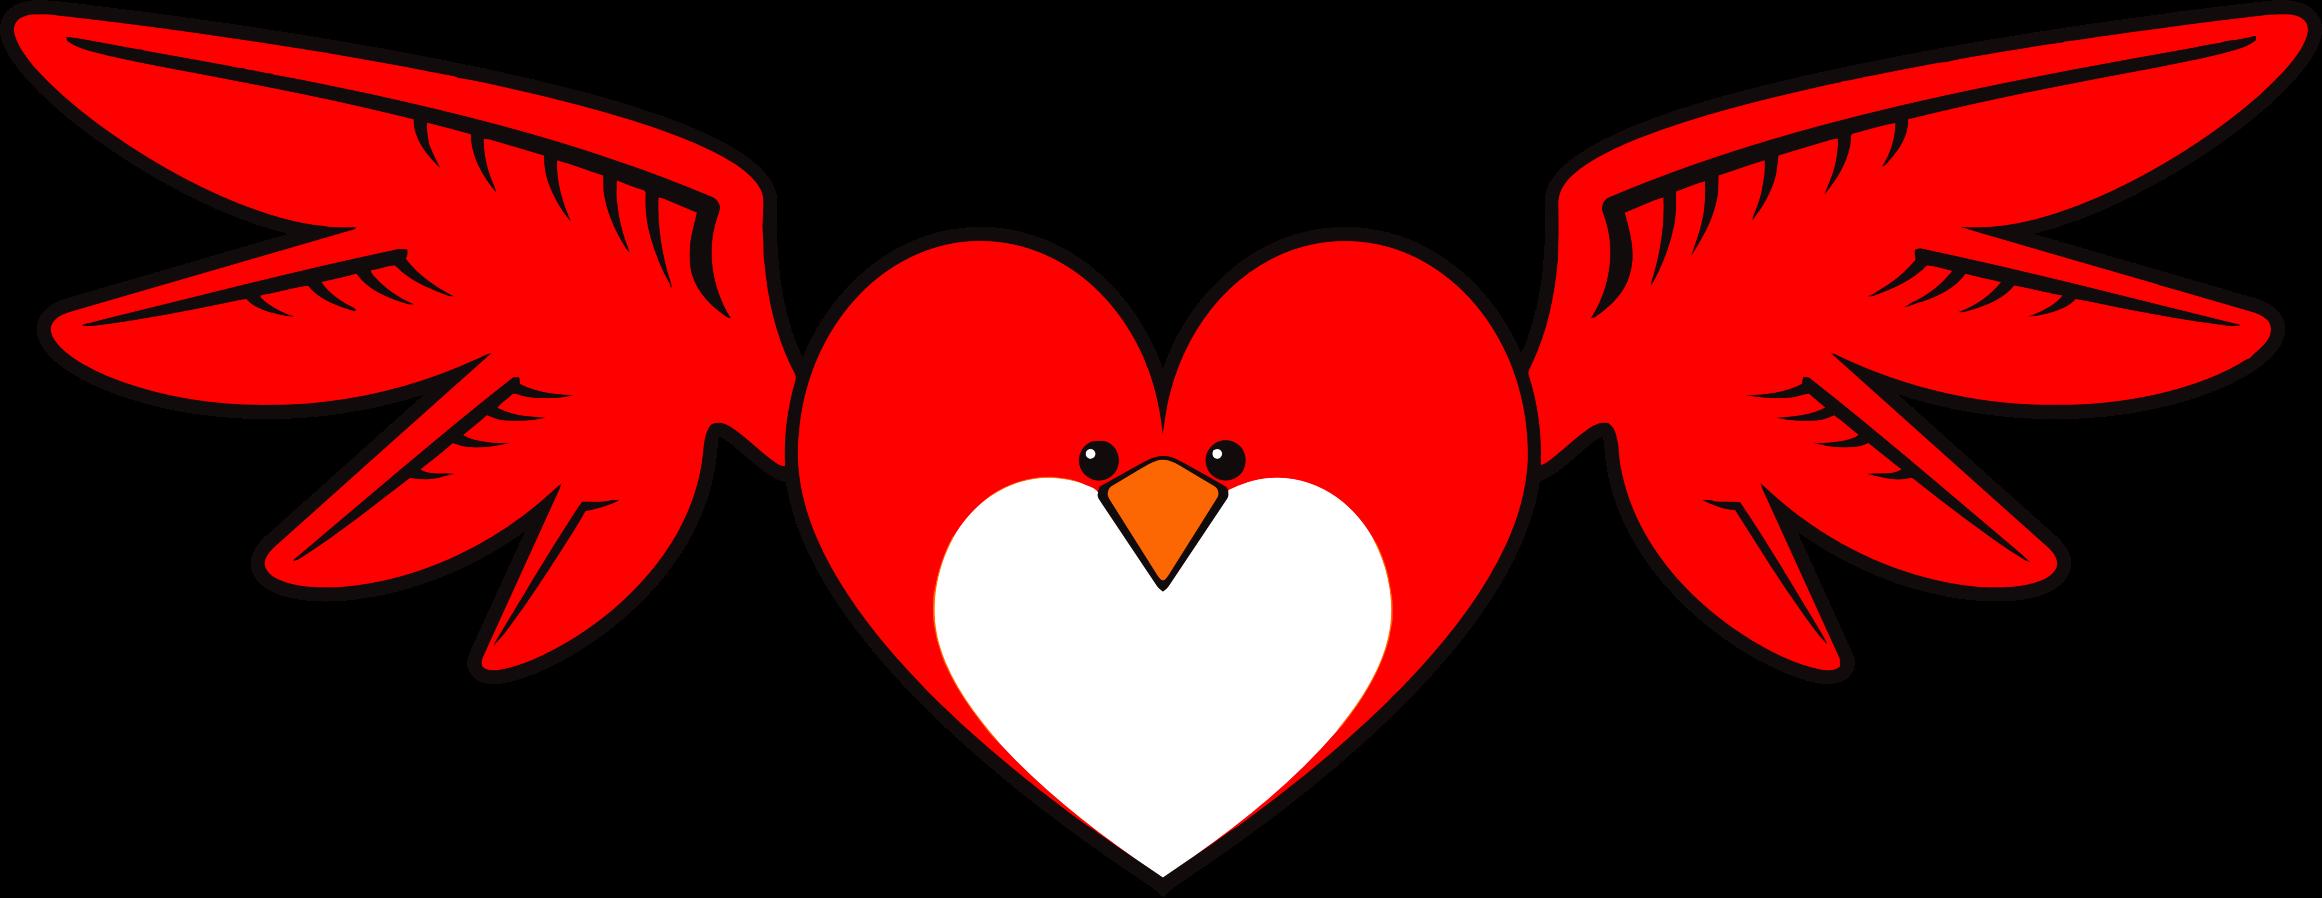 Heart clipart bird.